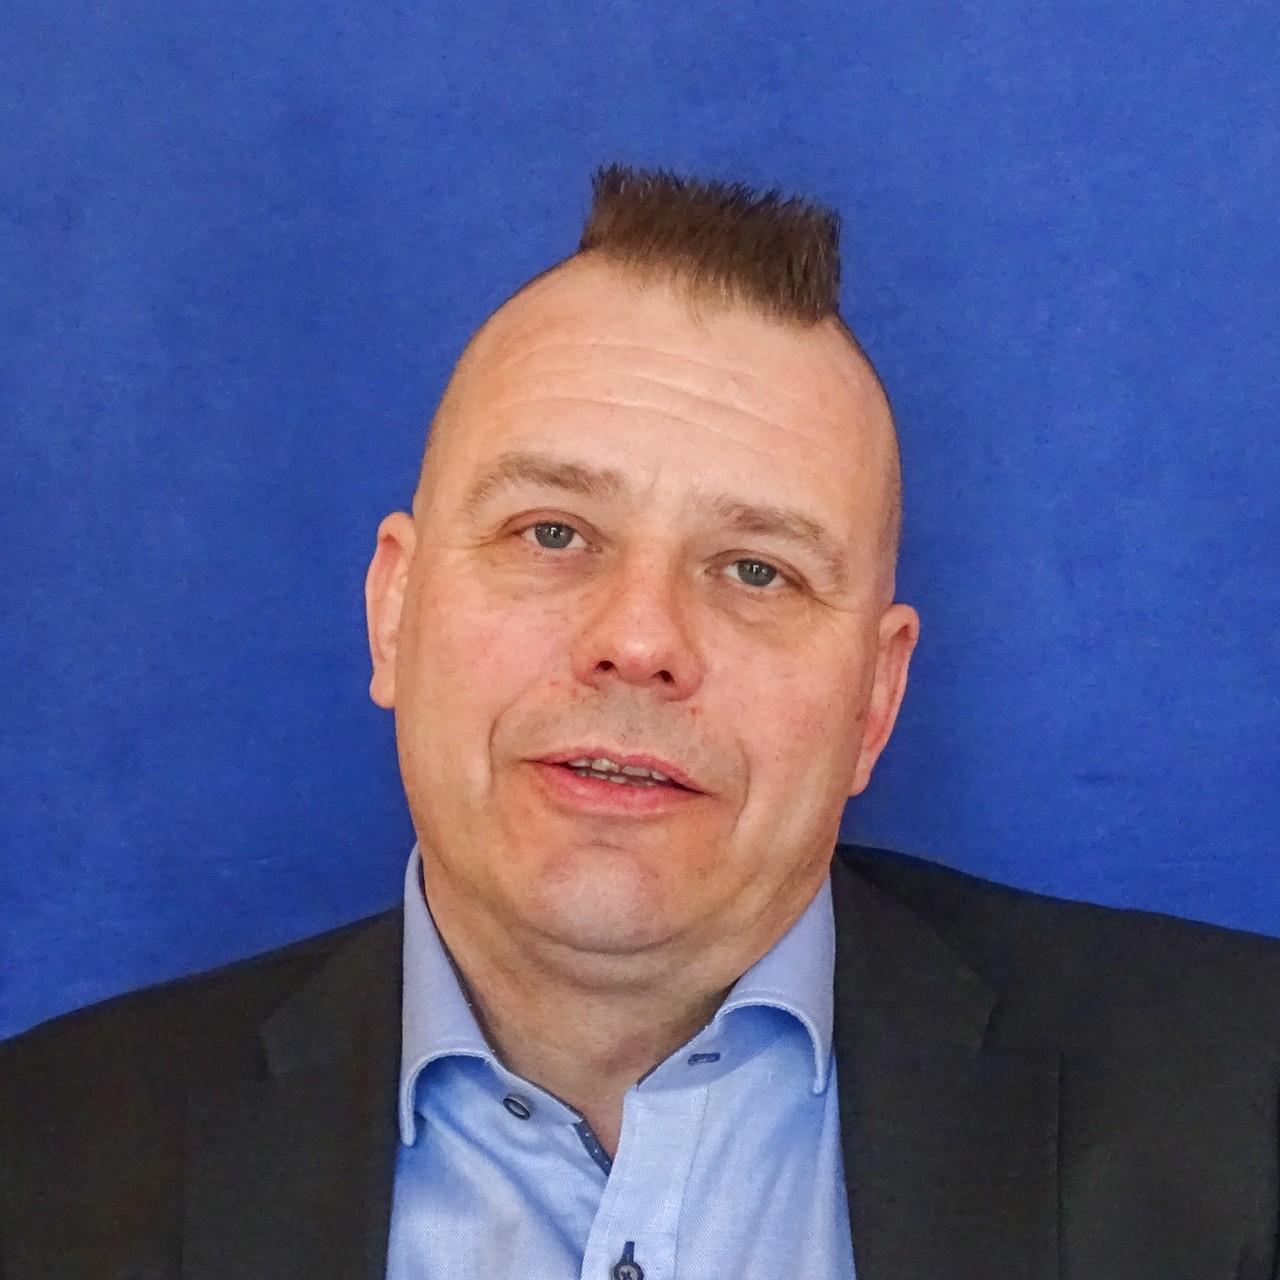 Heikki Tuomainen